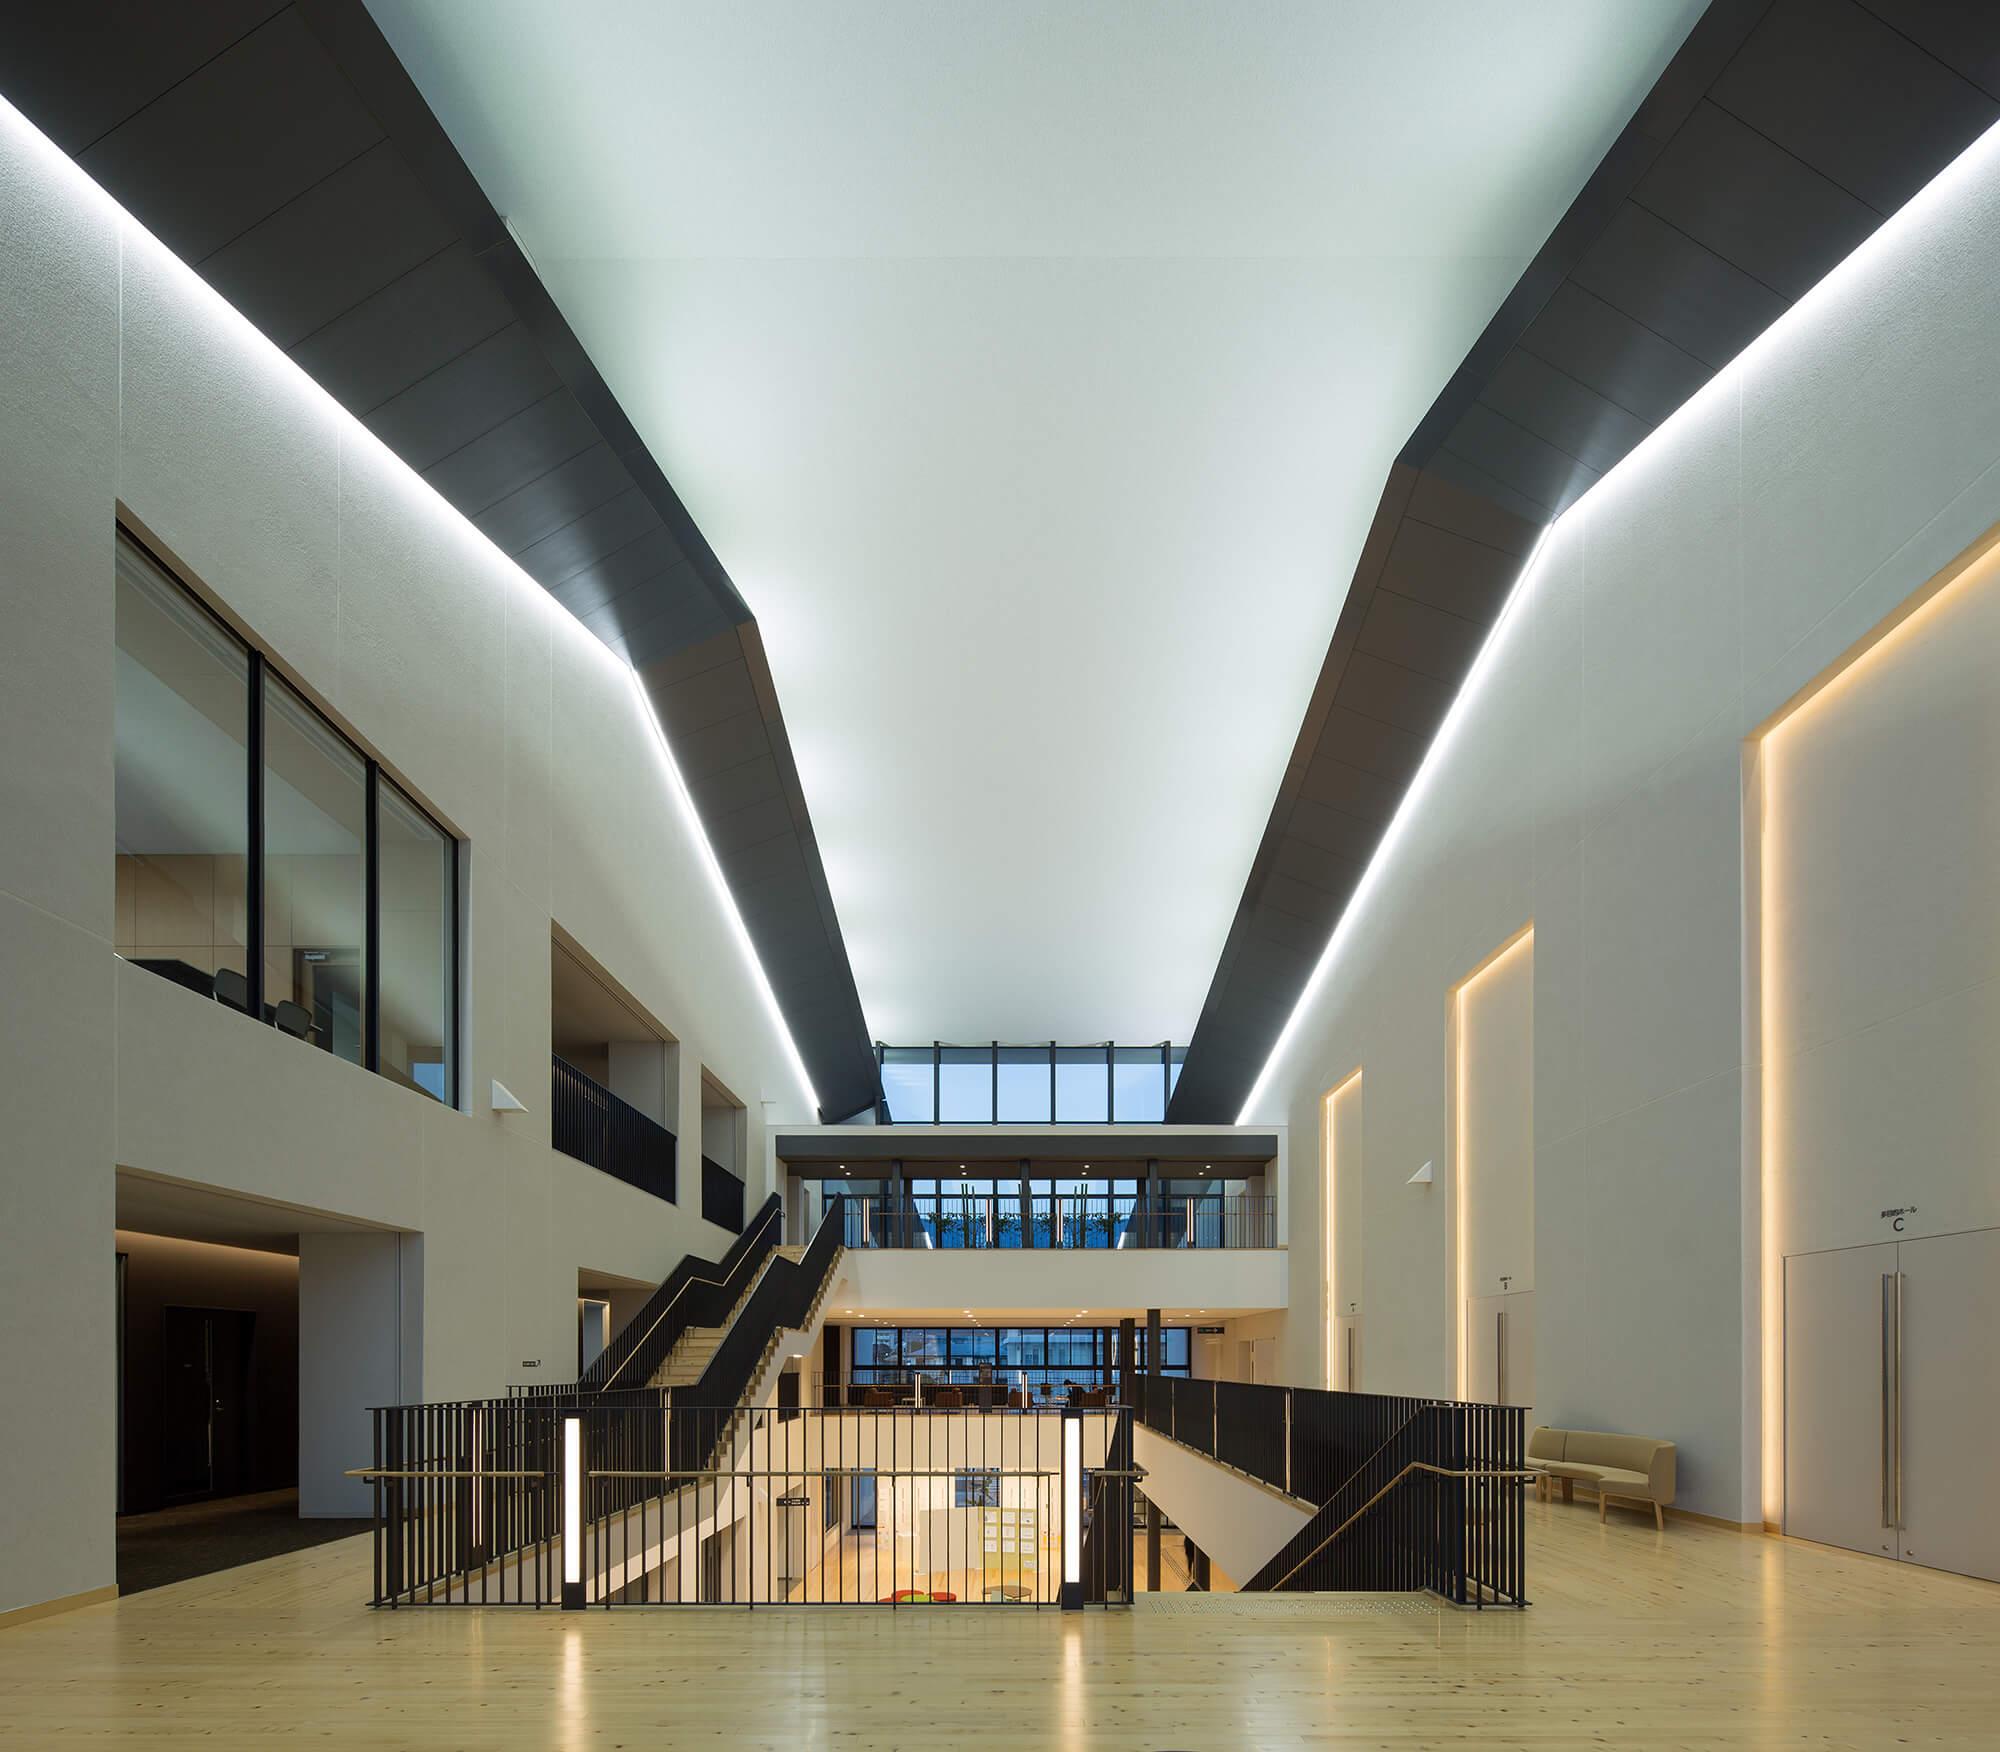 『小城まちなか市民交流センター』-佐賀県小城市-建築写真・竣工写真・インテリア写真5